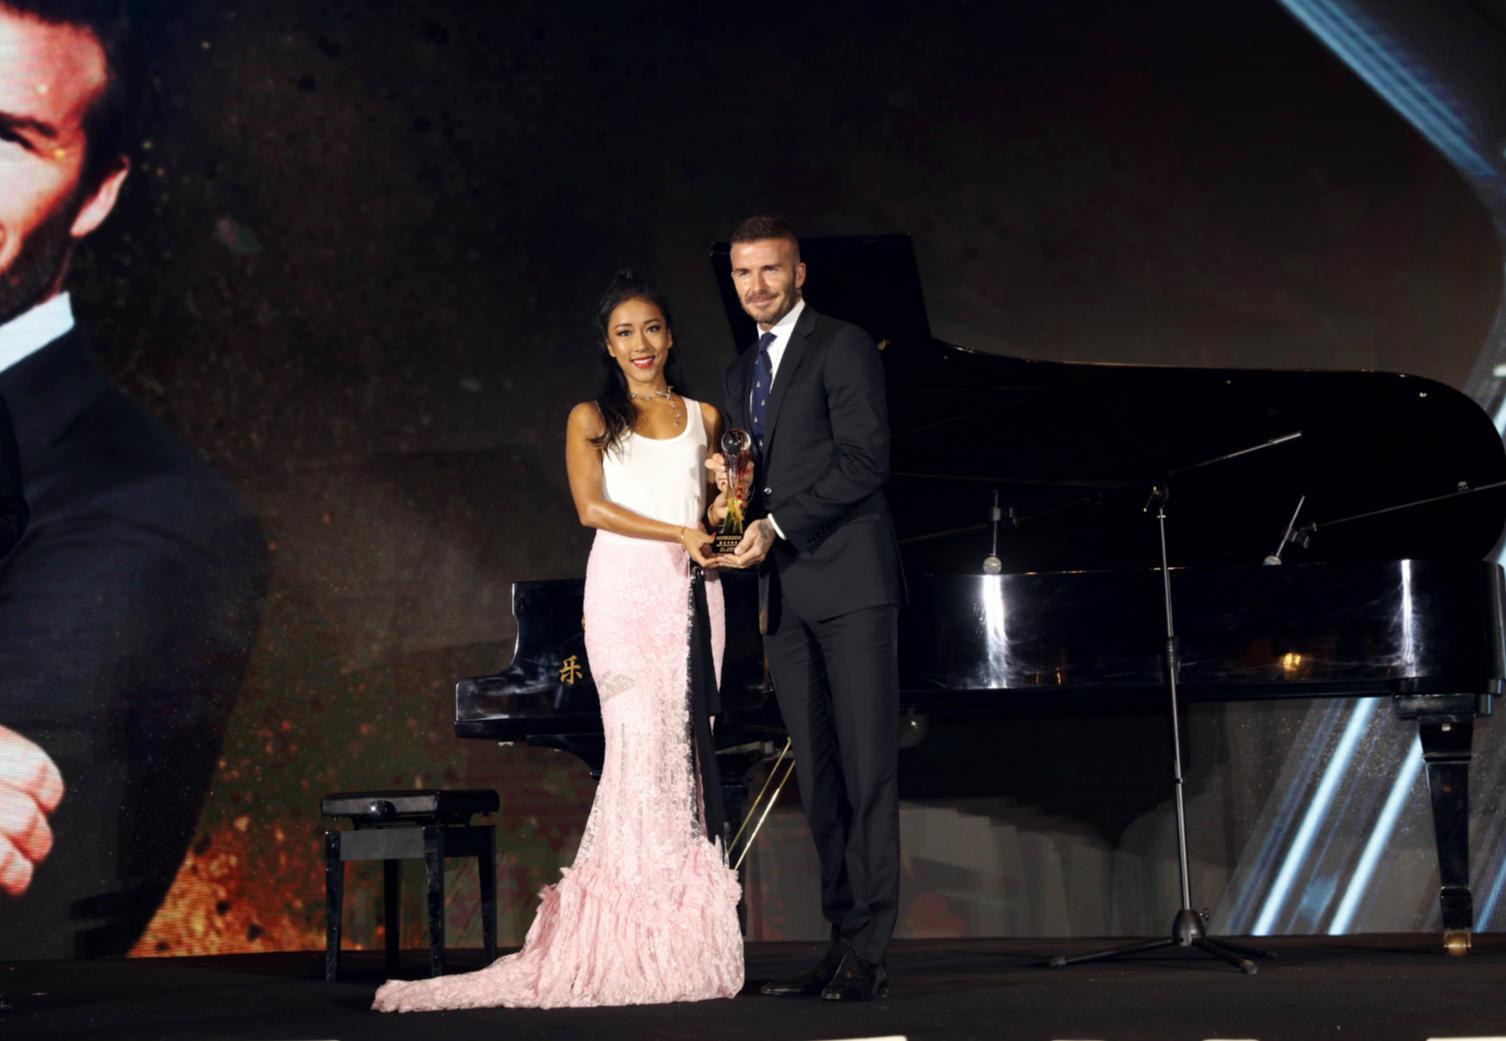 吉克隽逸采访皮耶罗 为贝克汉姆颁奖 这波操作厉害了!